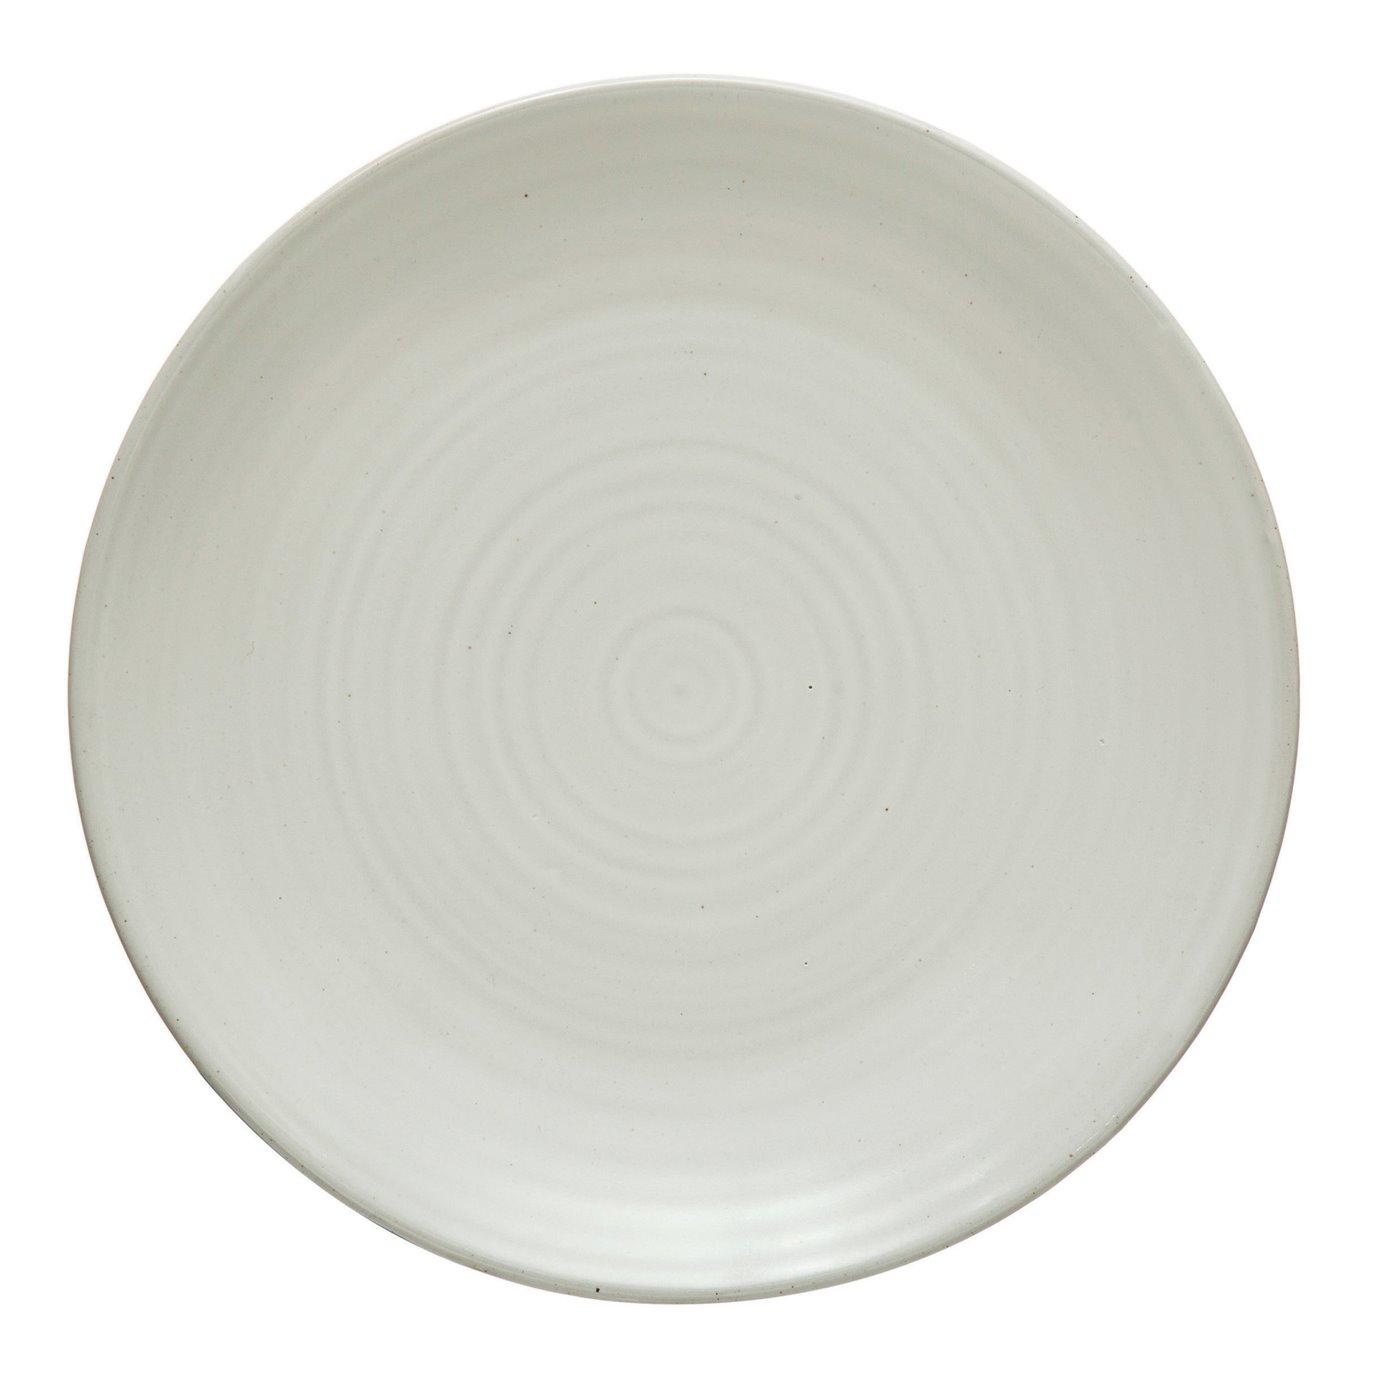 Stoneware Plate, Matte White